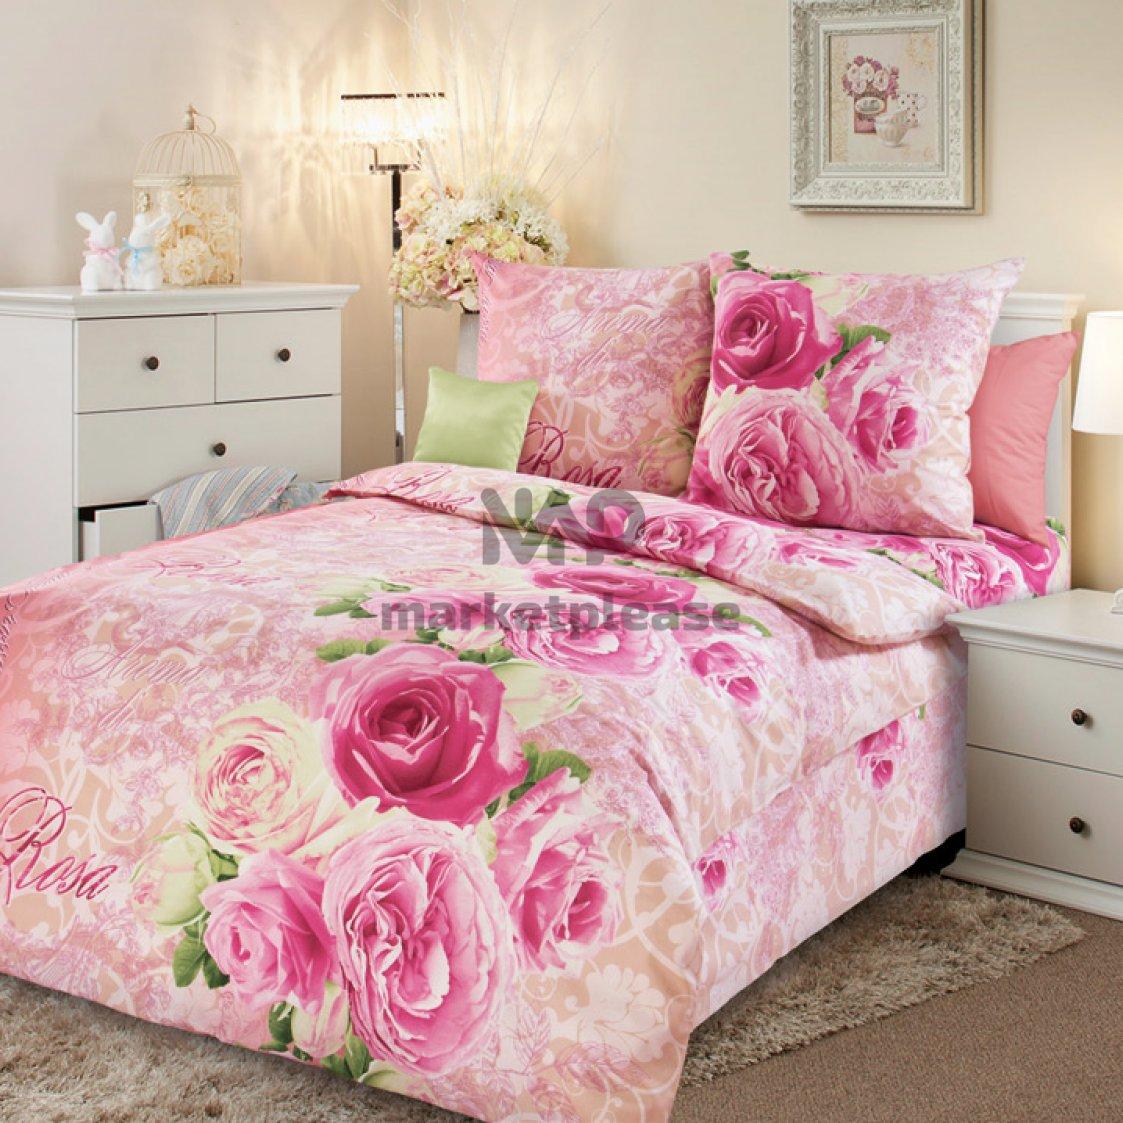 """Рулон ткани бязь """"Аромат розы 1"""" 150 см."""